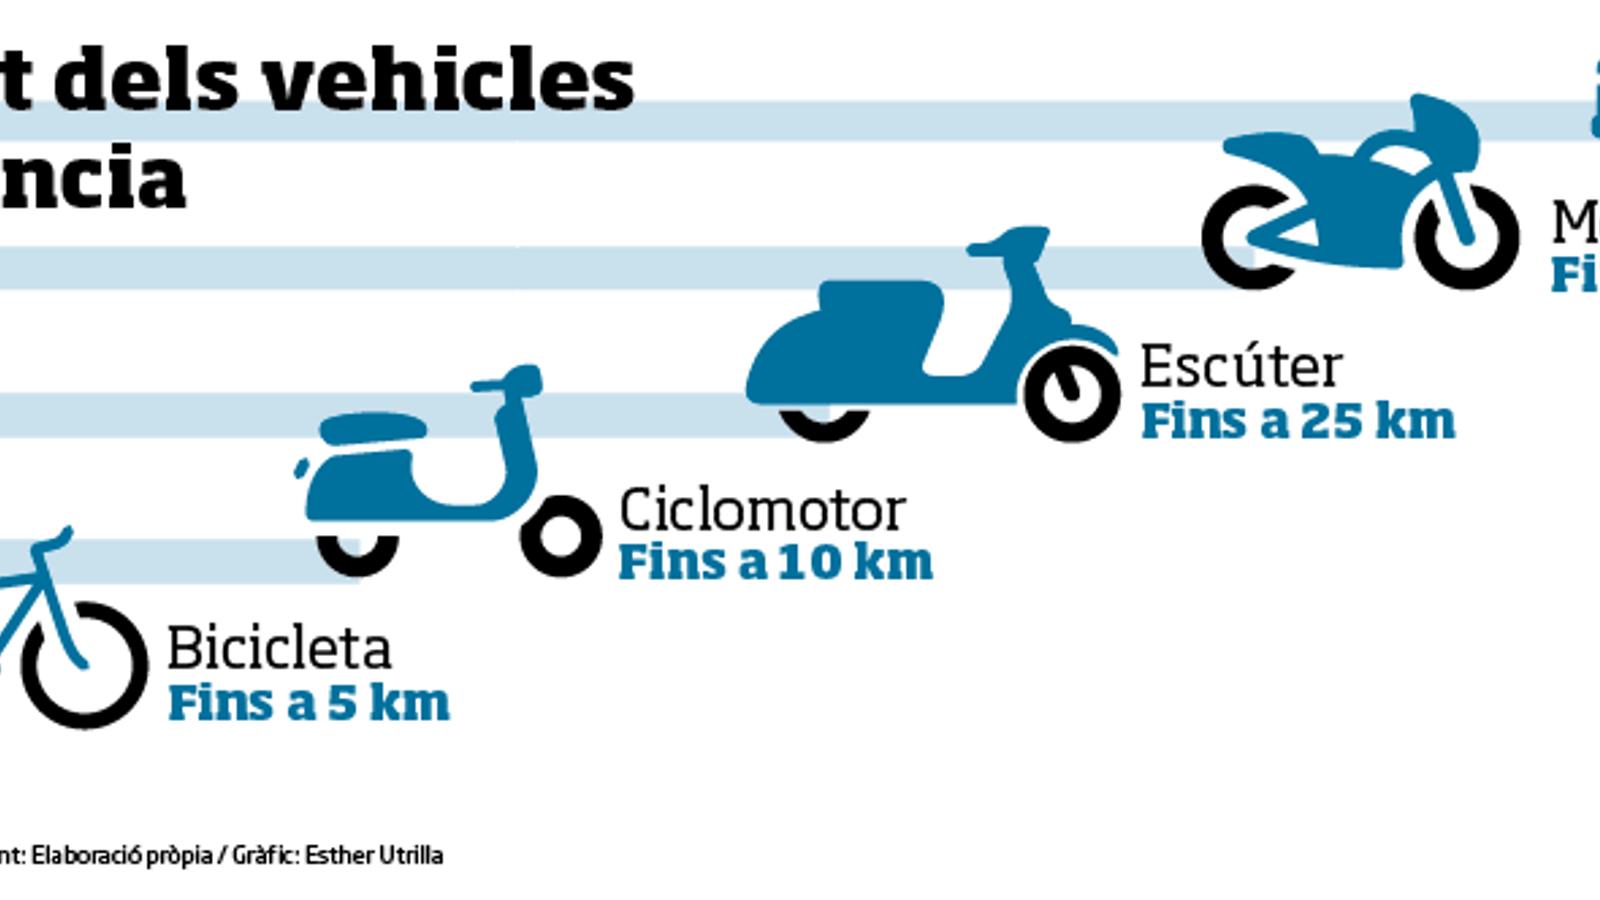 Ús aconsellat dels vehicles segons la distància